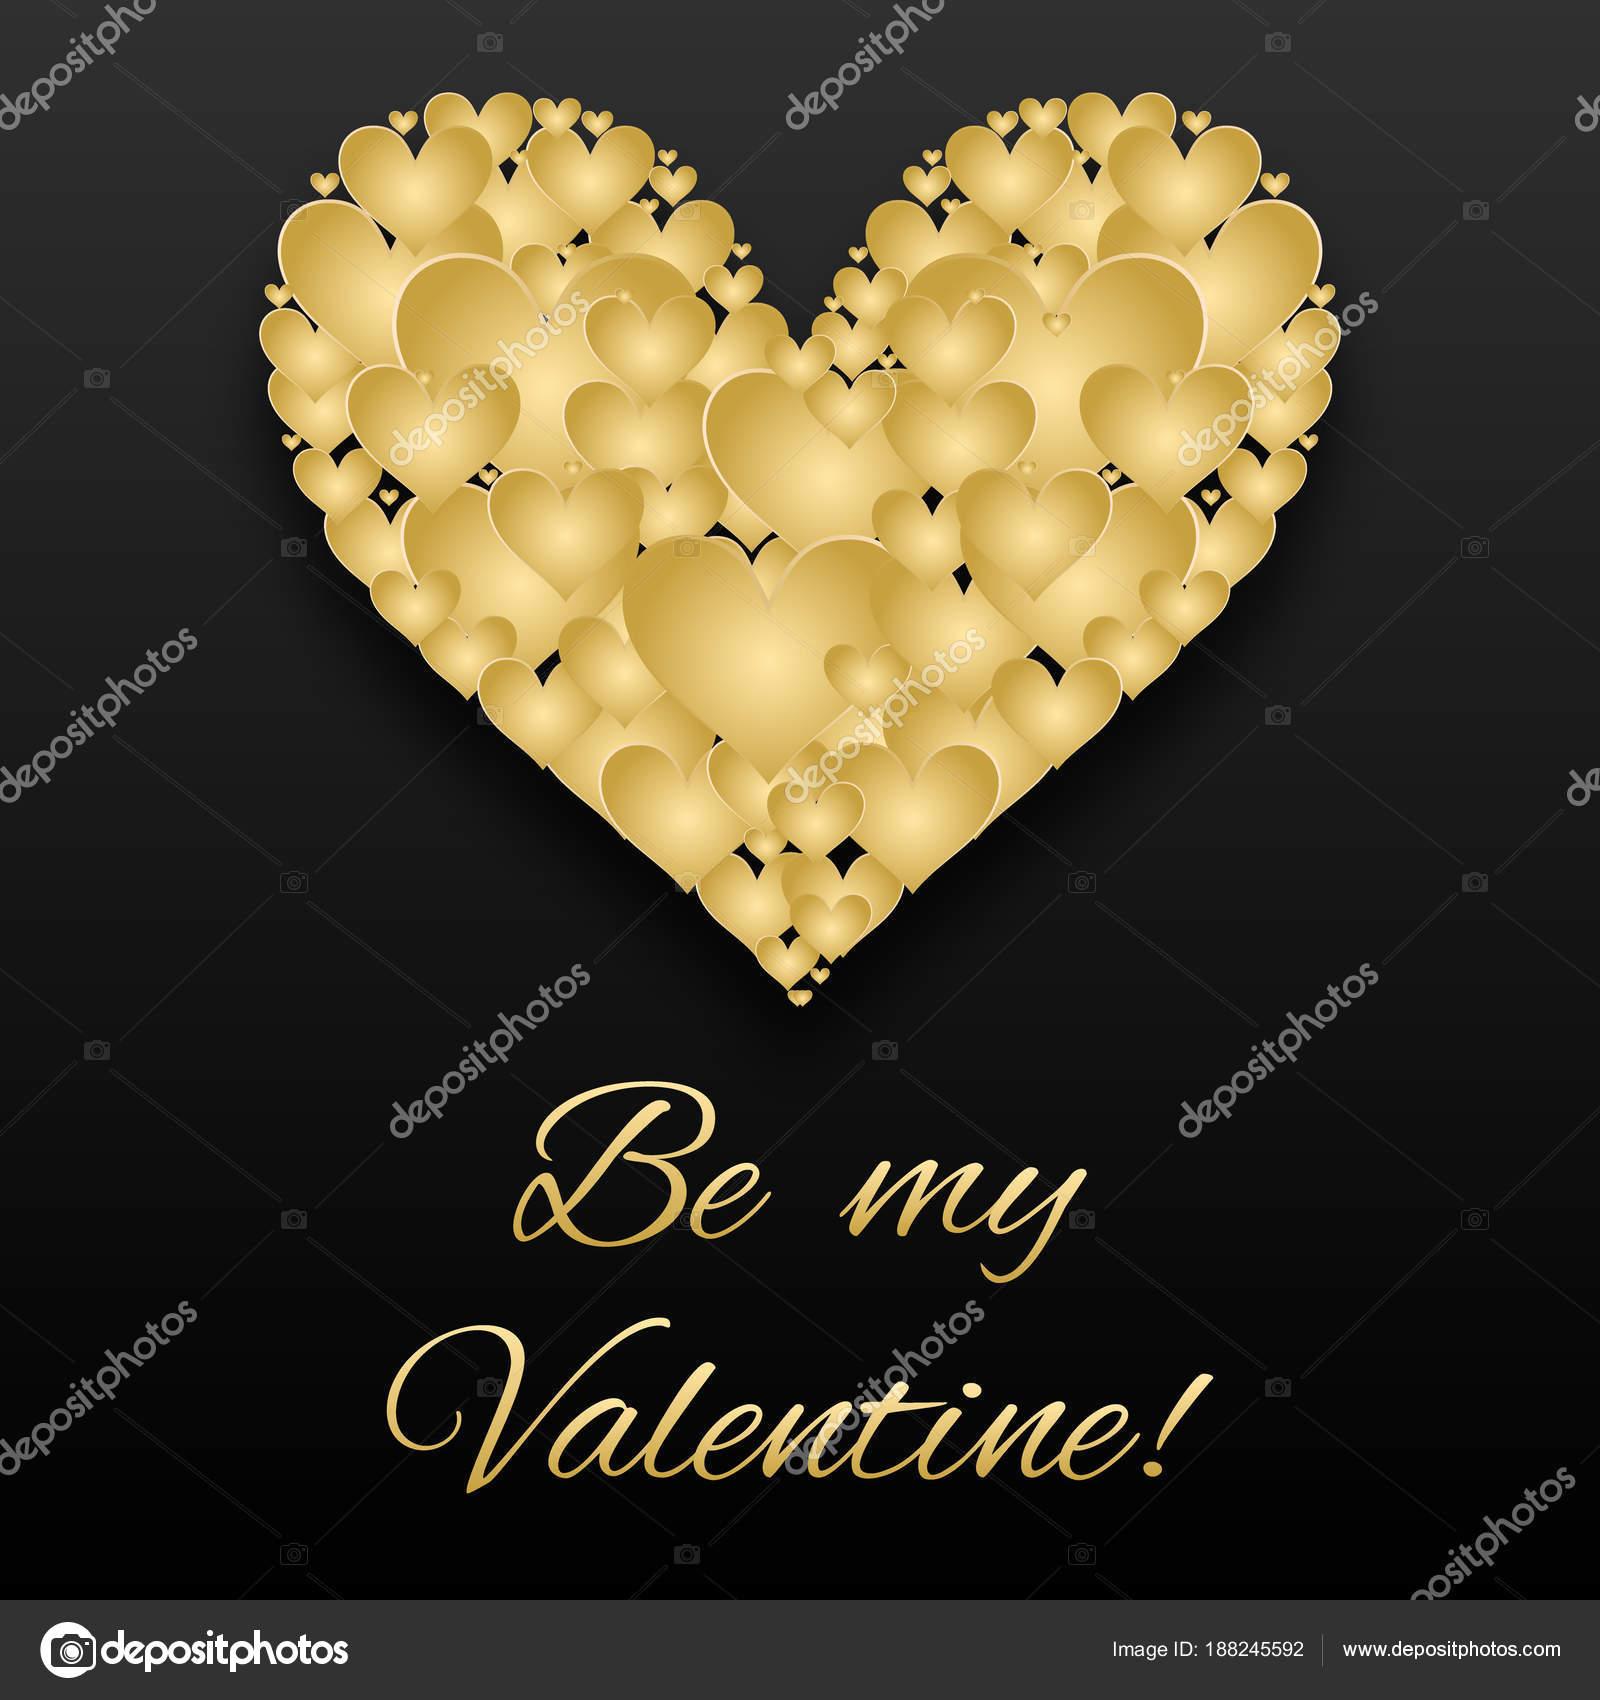 Tarjeta de San Valentín corazones dorados sobre fondo oscuro — Foto ...